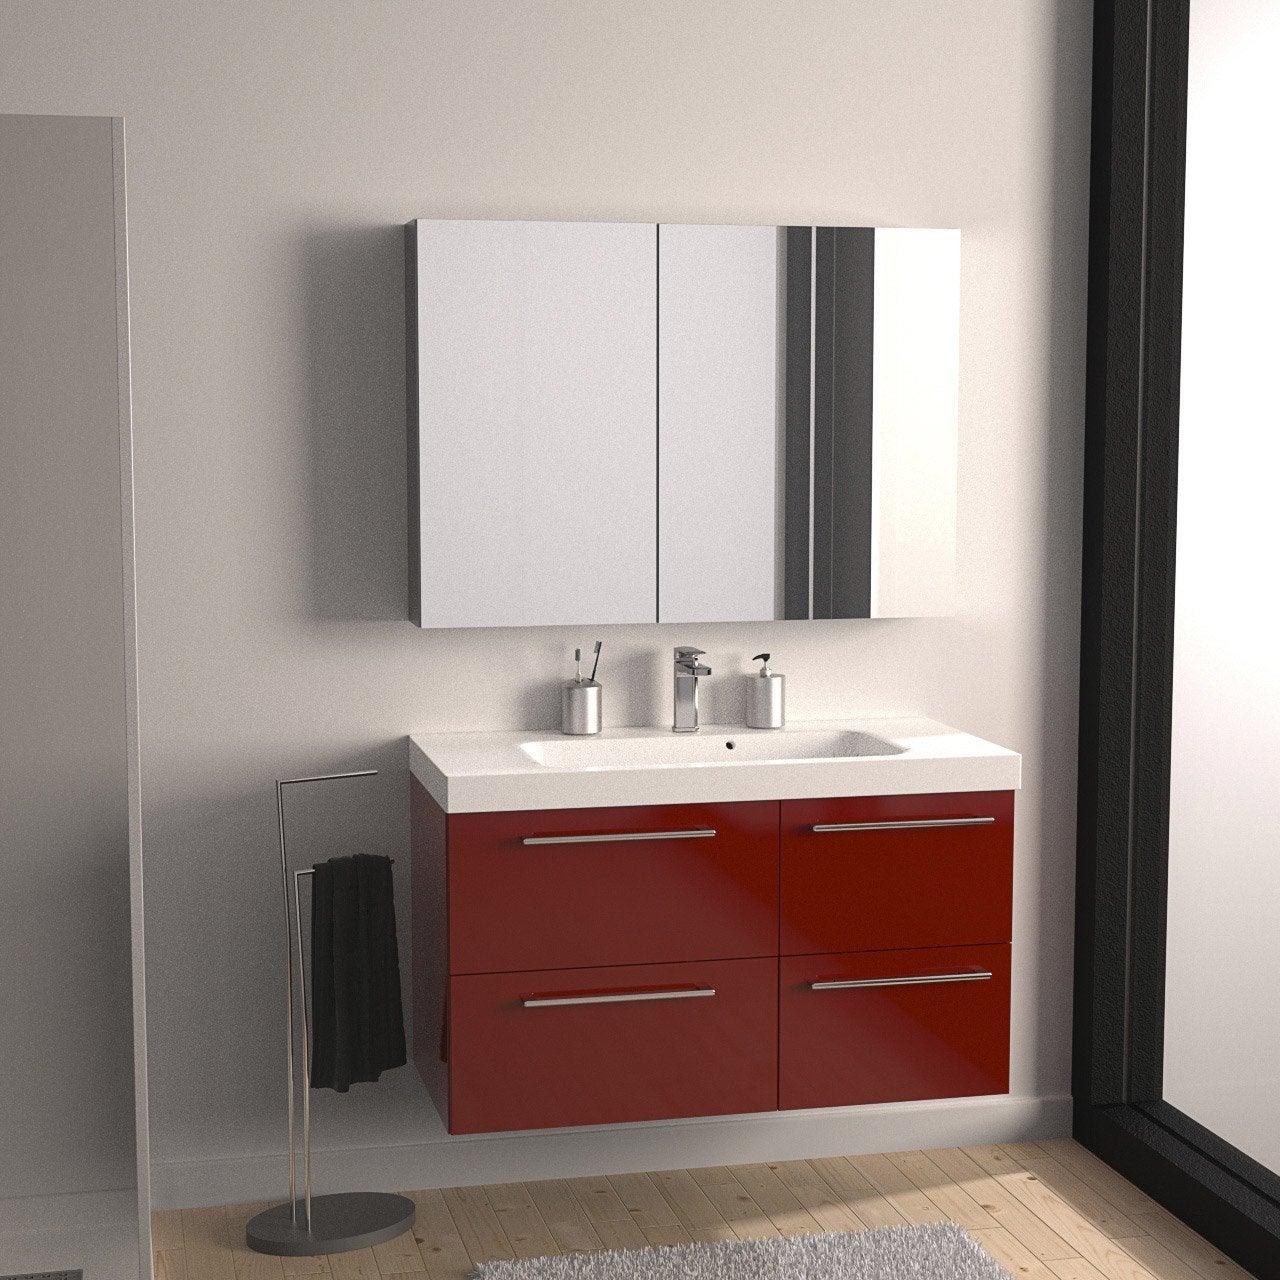 Meuble de salle de bains de 100 119 rouge remix leroy merlin - Meuble salle de bain remix ...